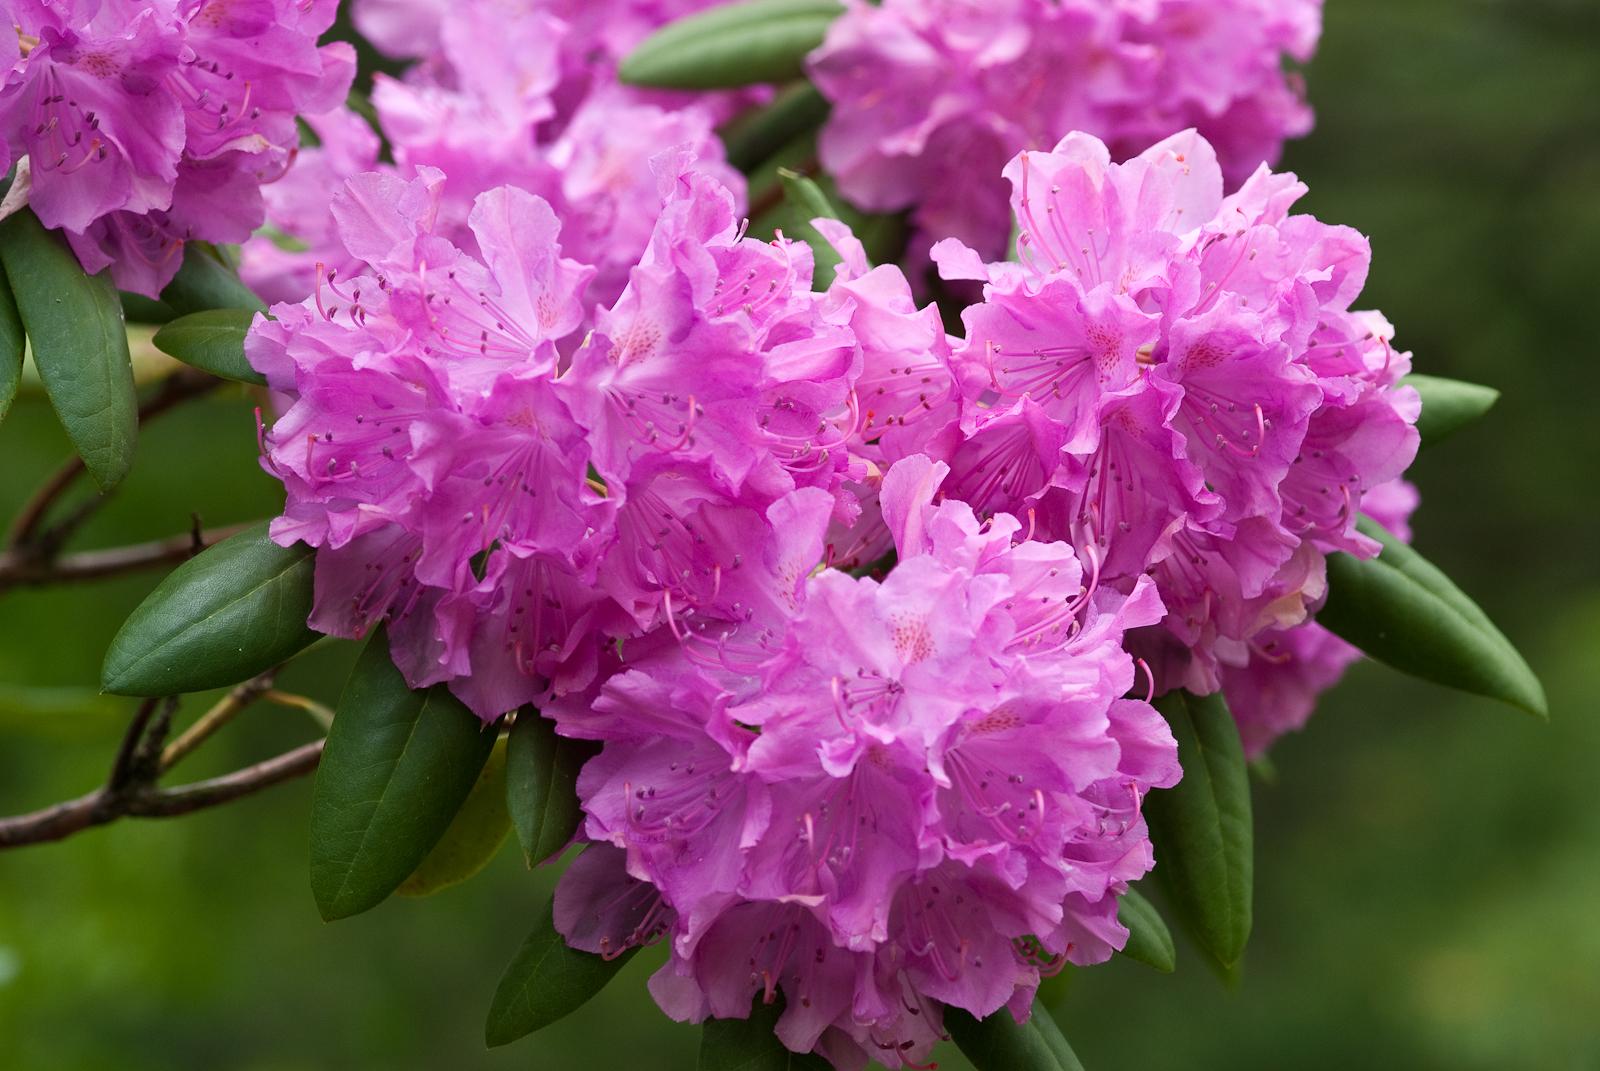 Посадка и уход за рододендроном садовым: советы, фото